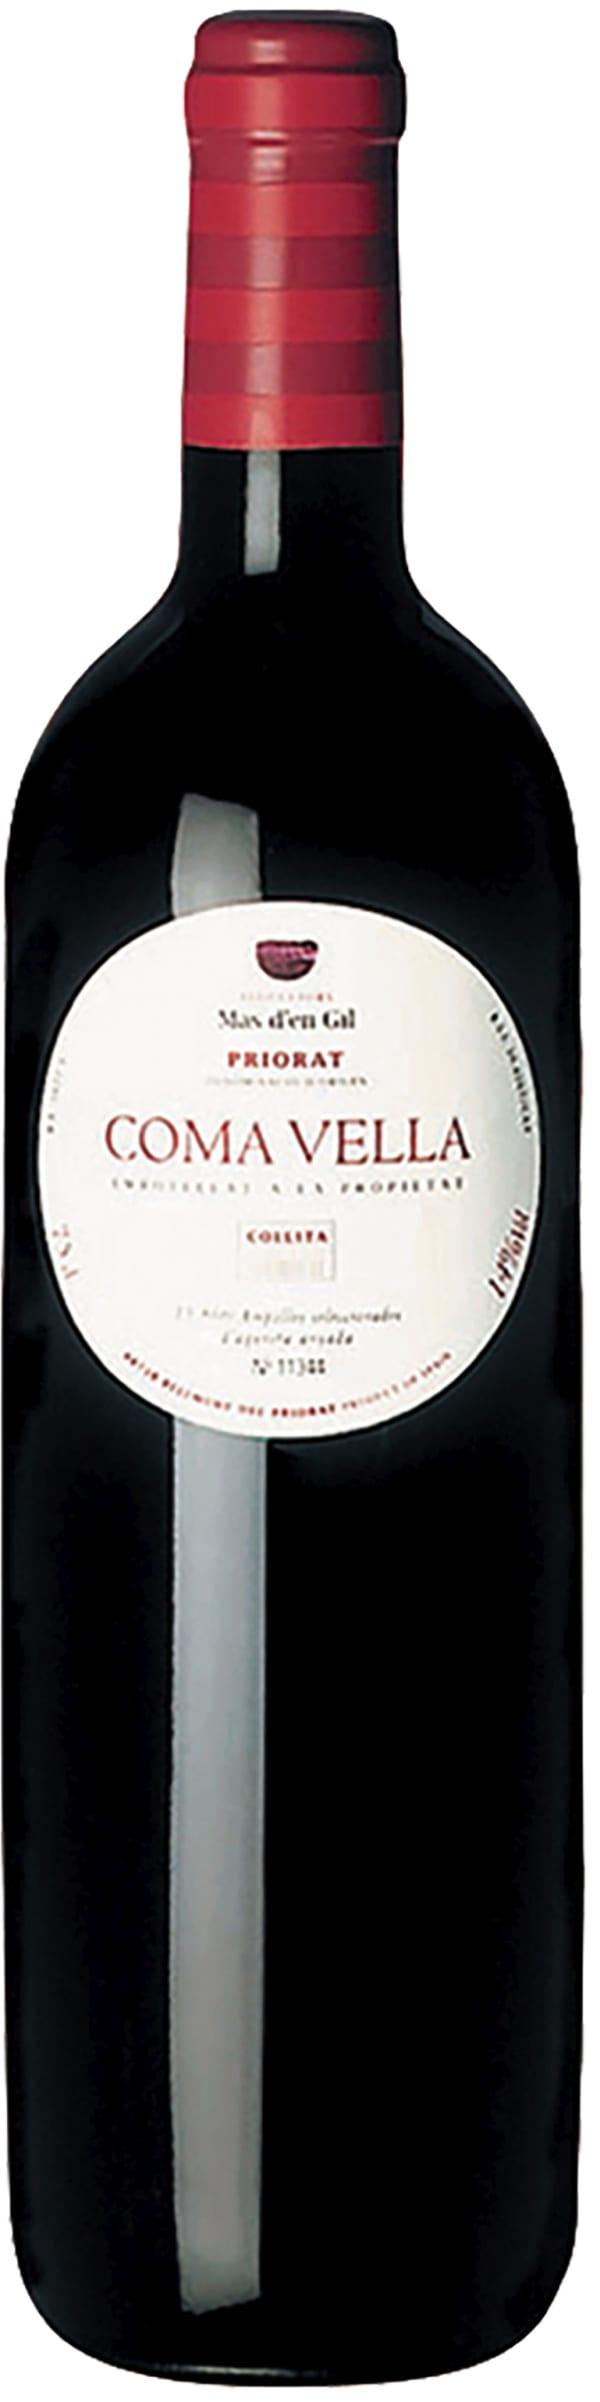 Coma Vella 2013